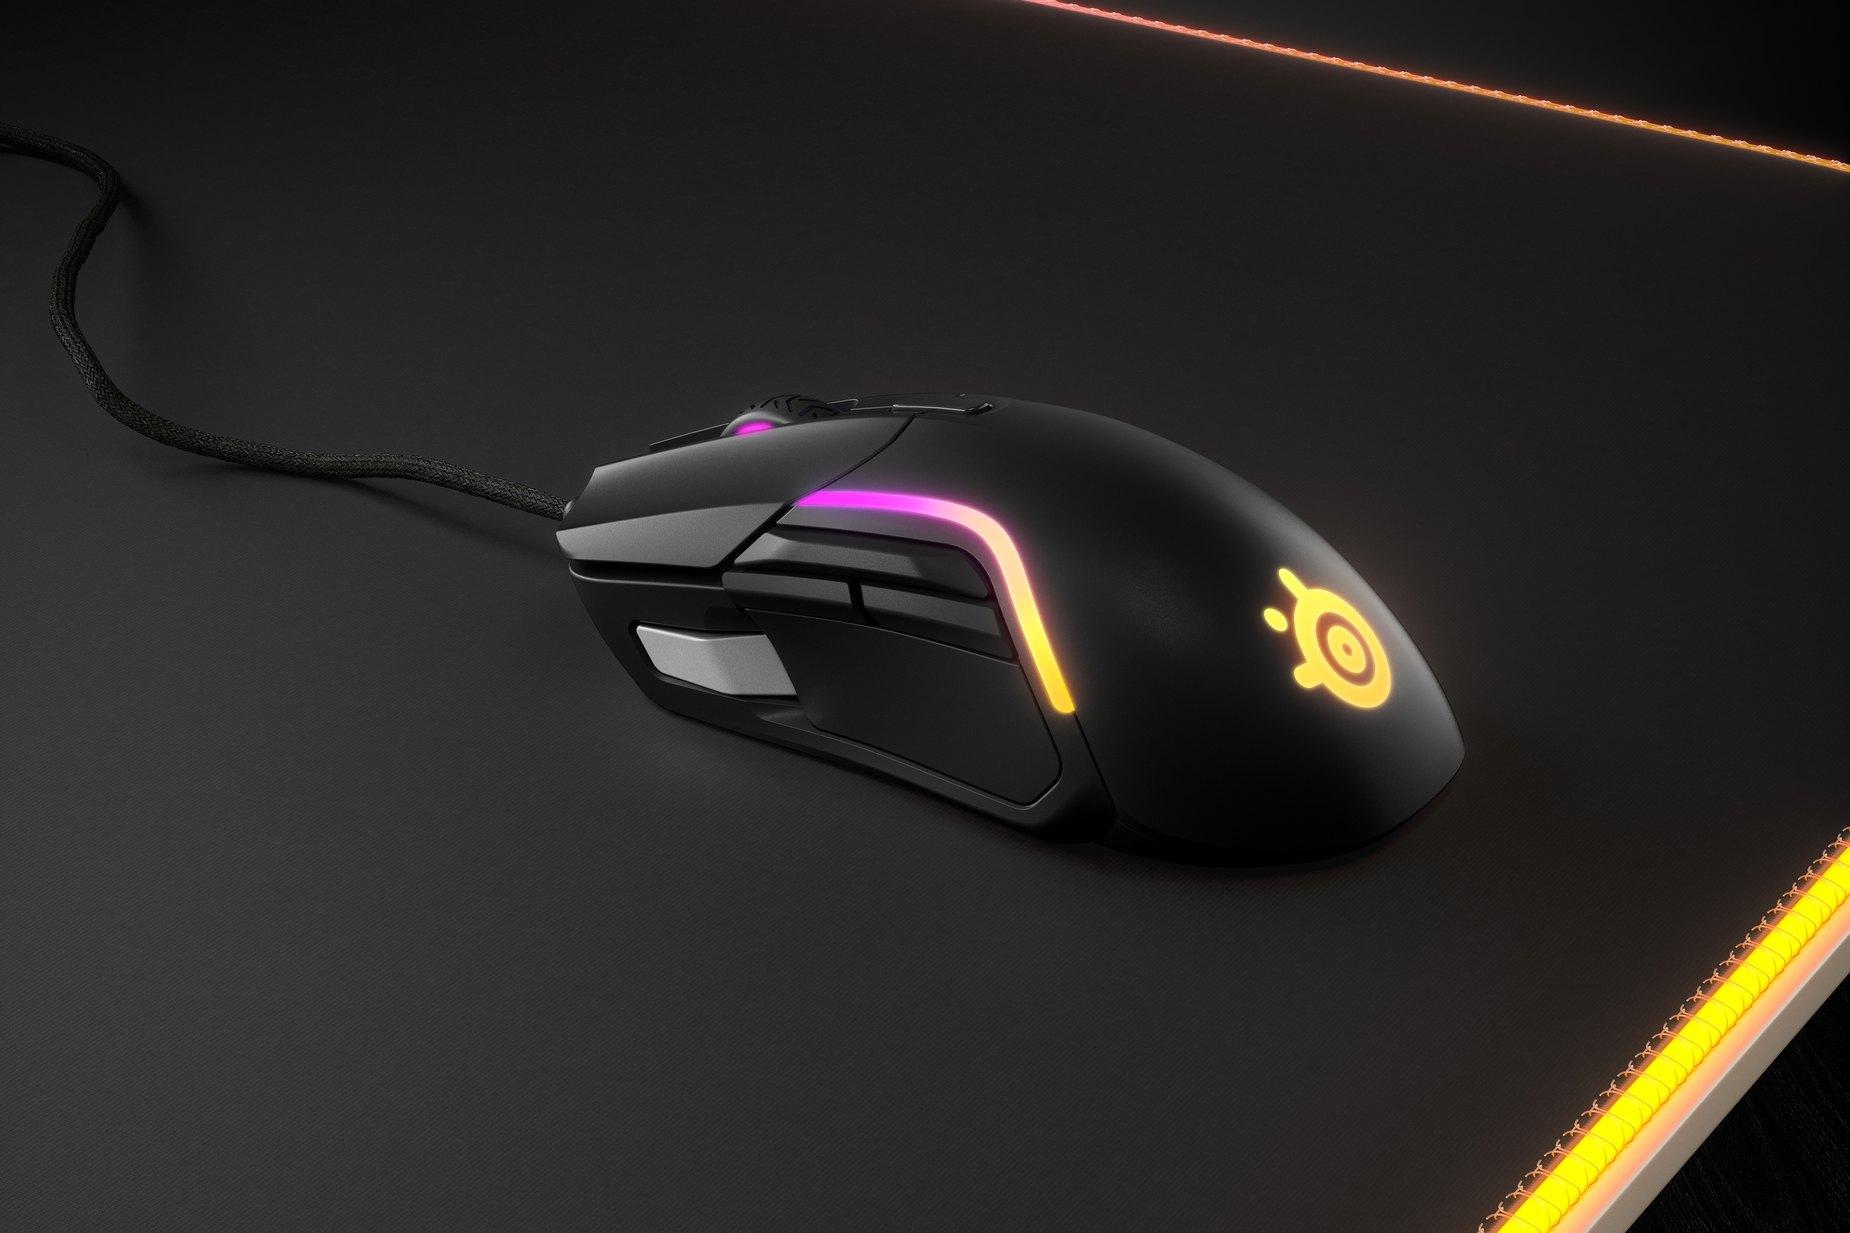 靠在滑鼠墊上的 Rival 5 遊戲滑鼠。